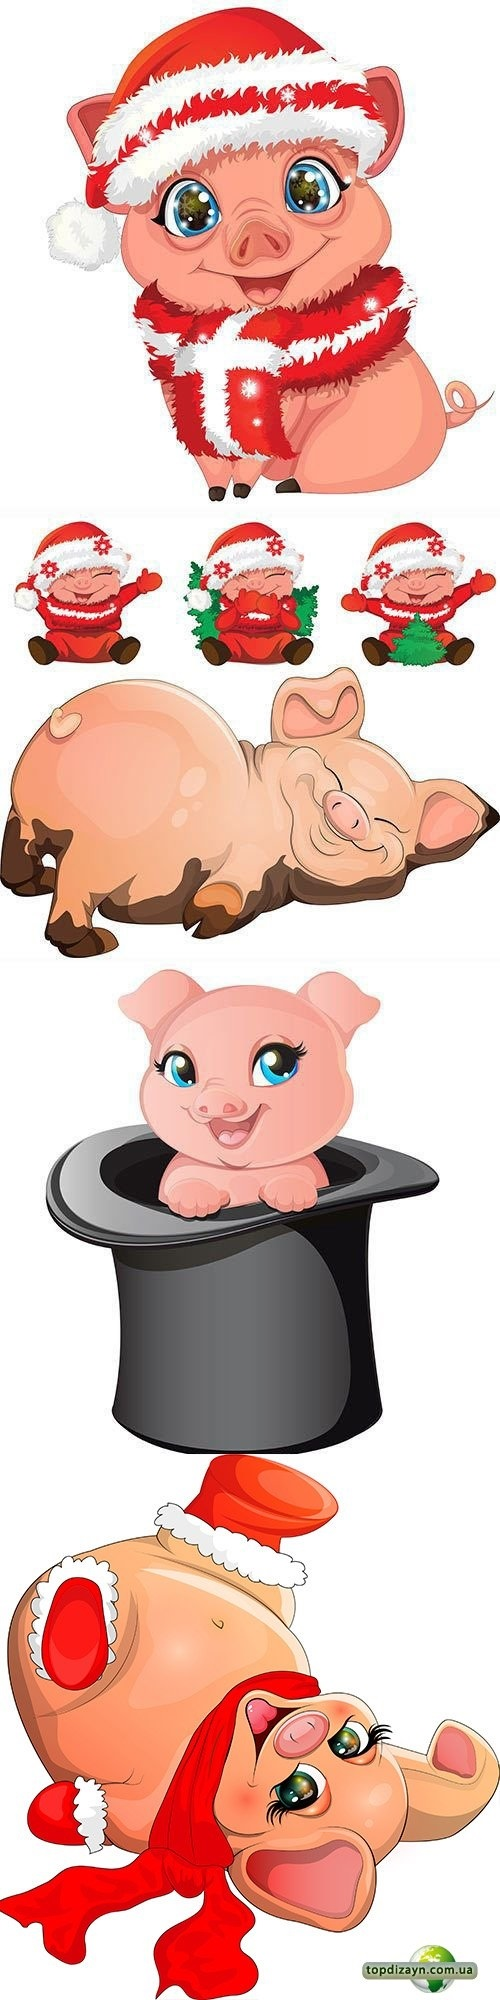 Красивые клипарт свинка015